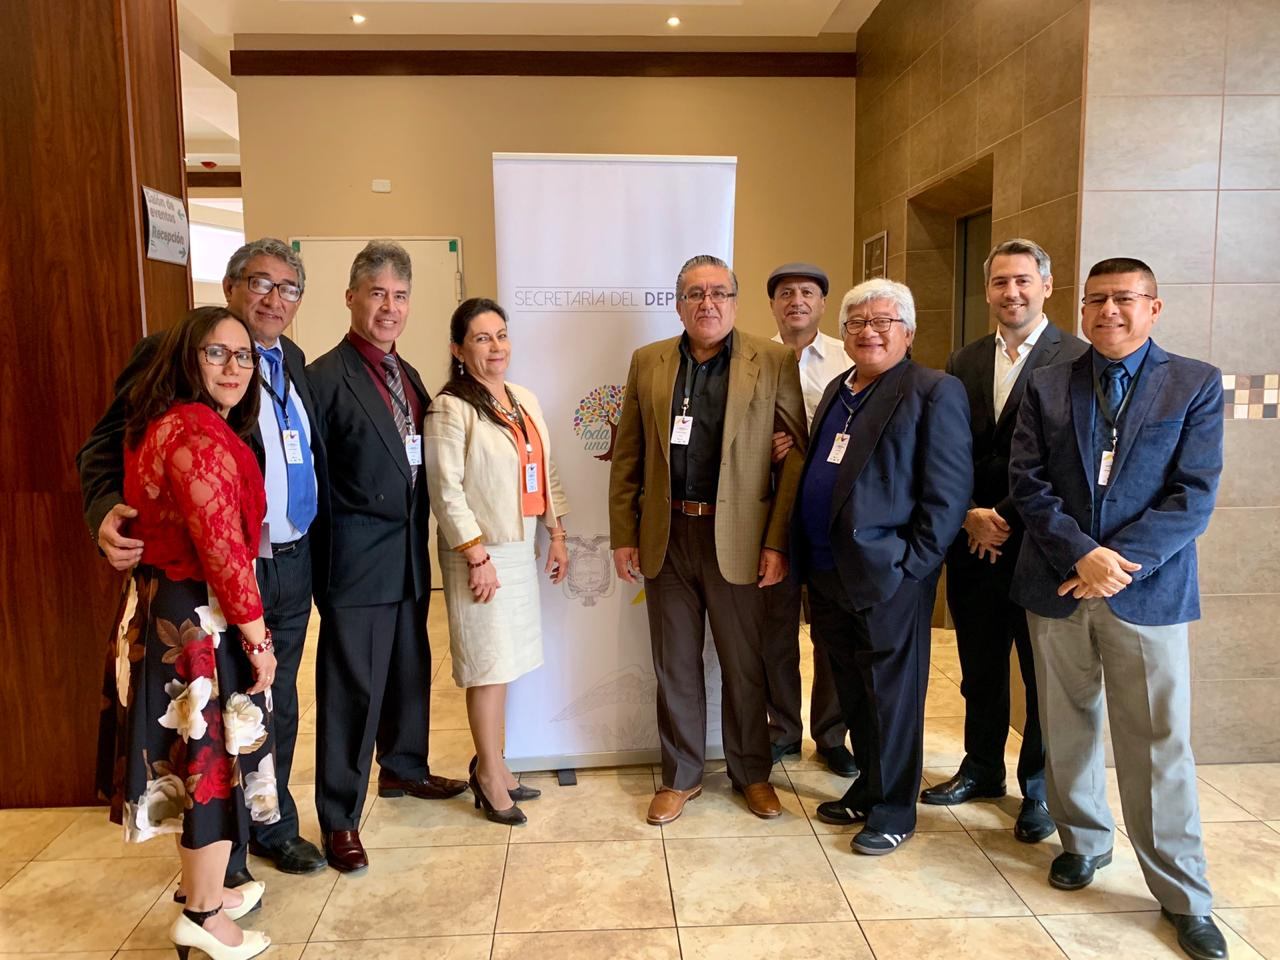 Quito alberga desde este miércoles la VI Reunión de la Junta Consultiva de la Organización Regional Antidopaje Sudamericana ORAD-SAM, en la que participan representantes de Perú, Bolivia, Paraguay y Ecuador